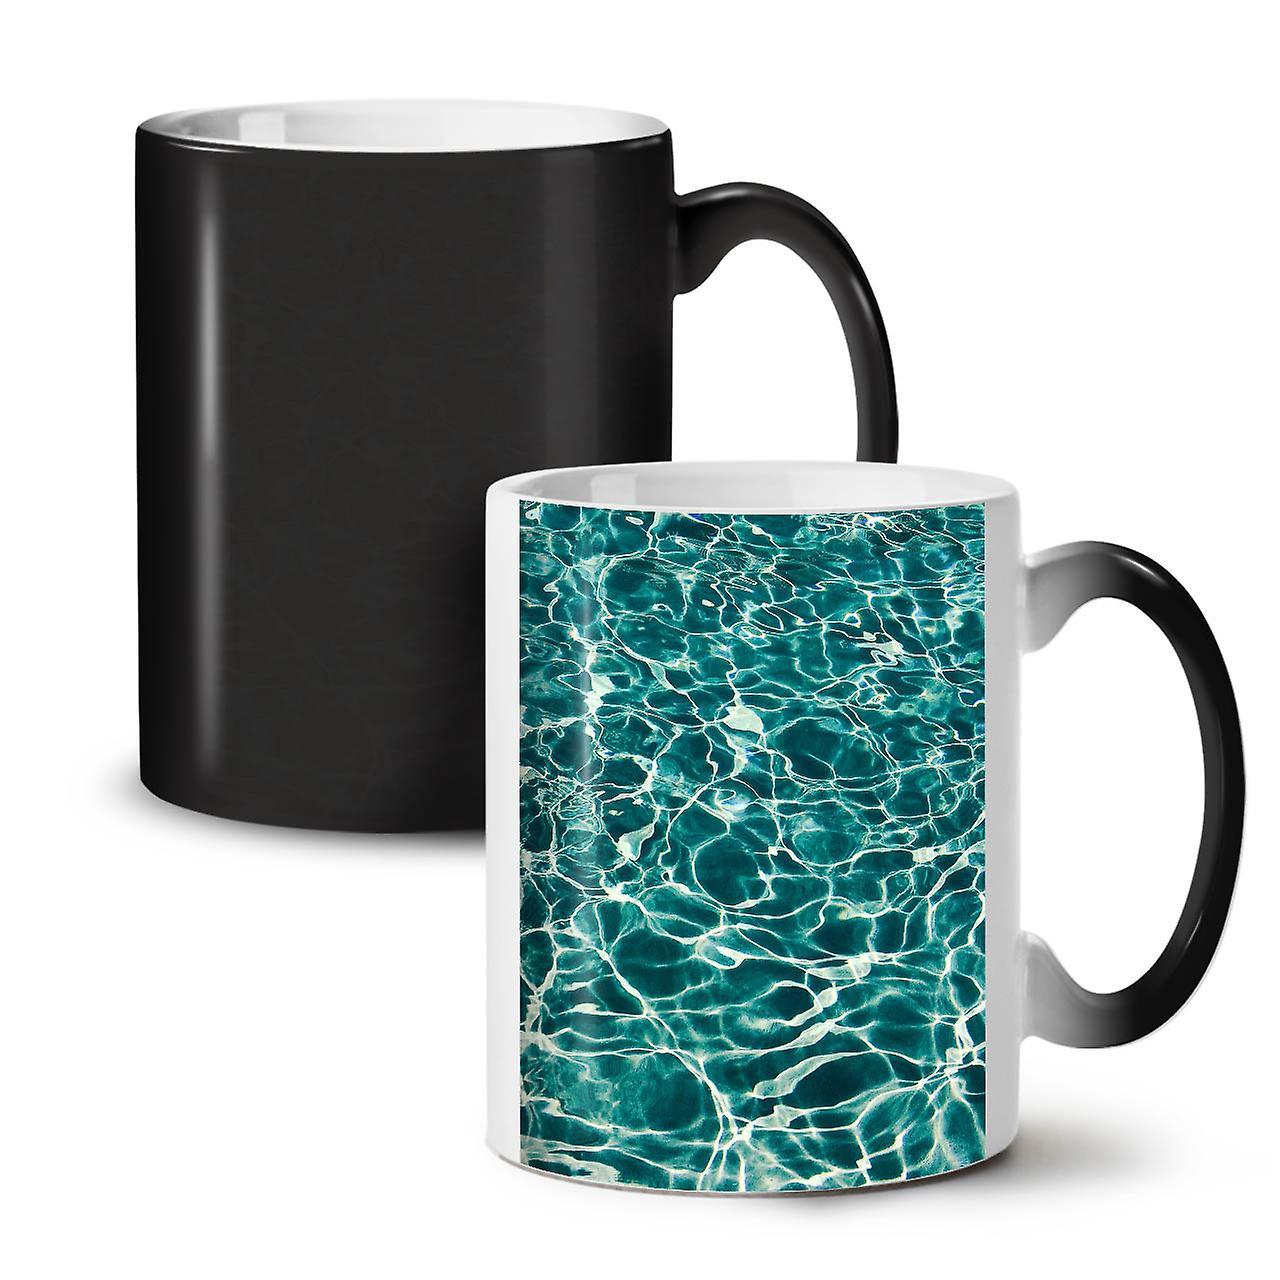 Art Café Changeant Océan Mer Noir Nouveau De Bleu Céramique Couleur Tasse 11 OzWellcoda Thé qzSMUVp